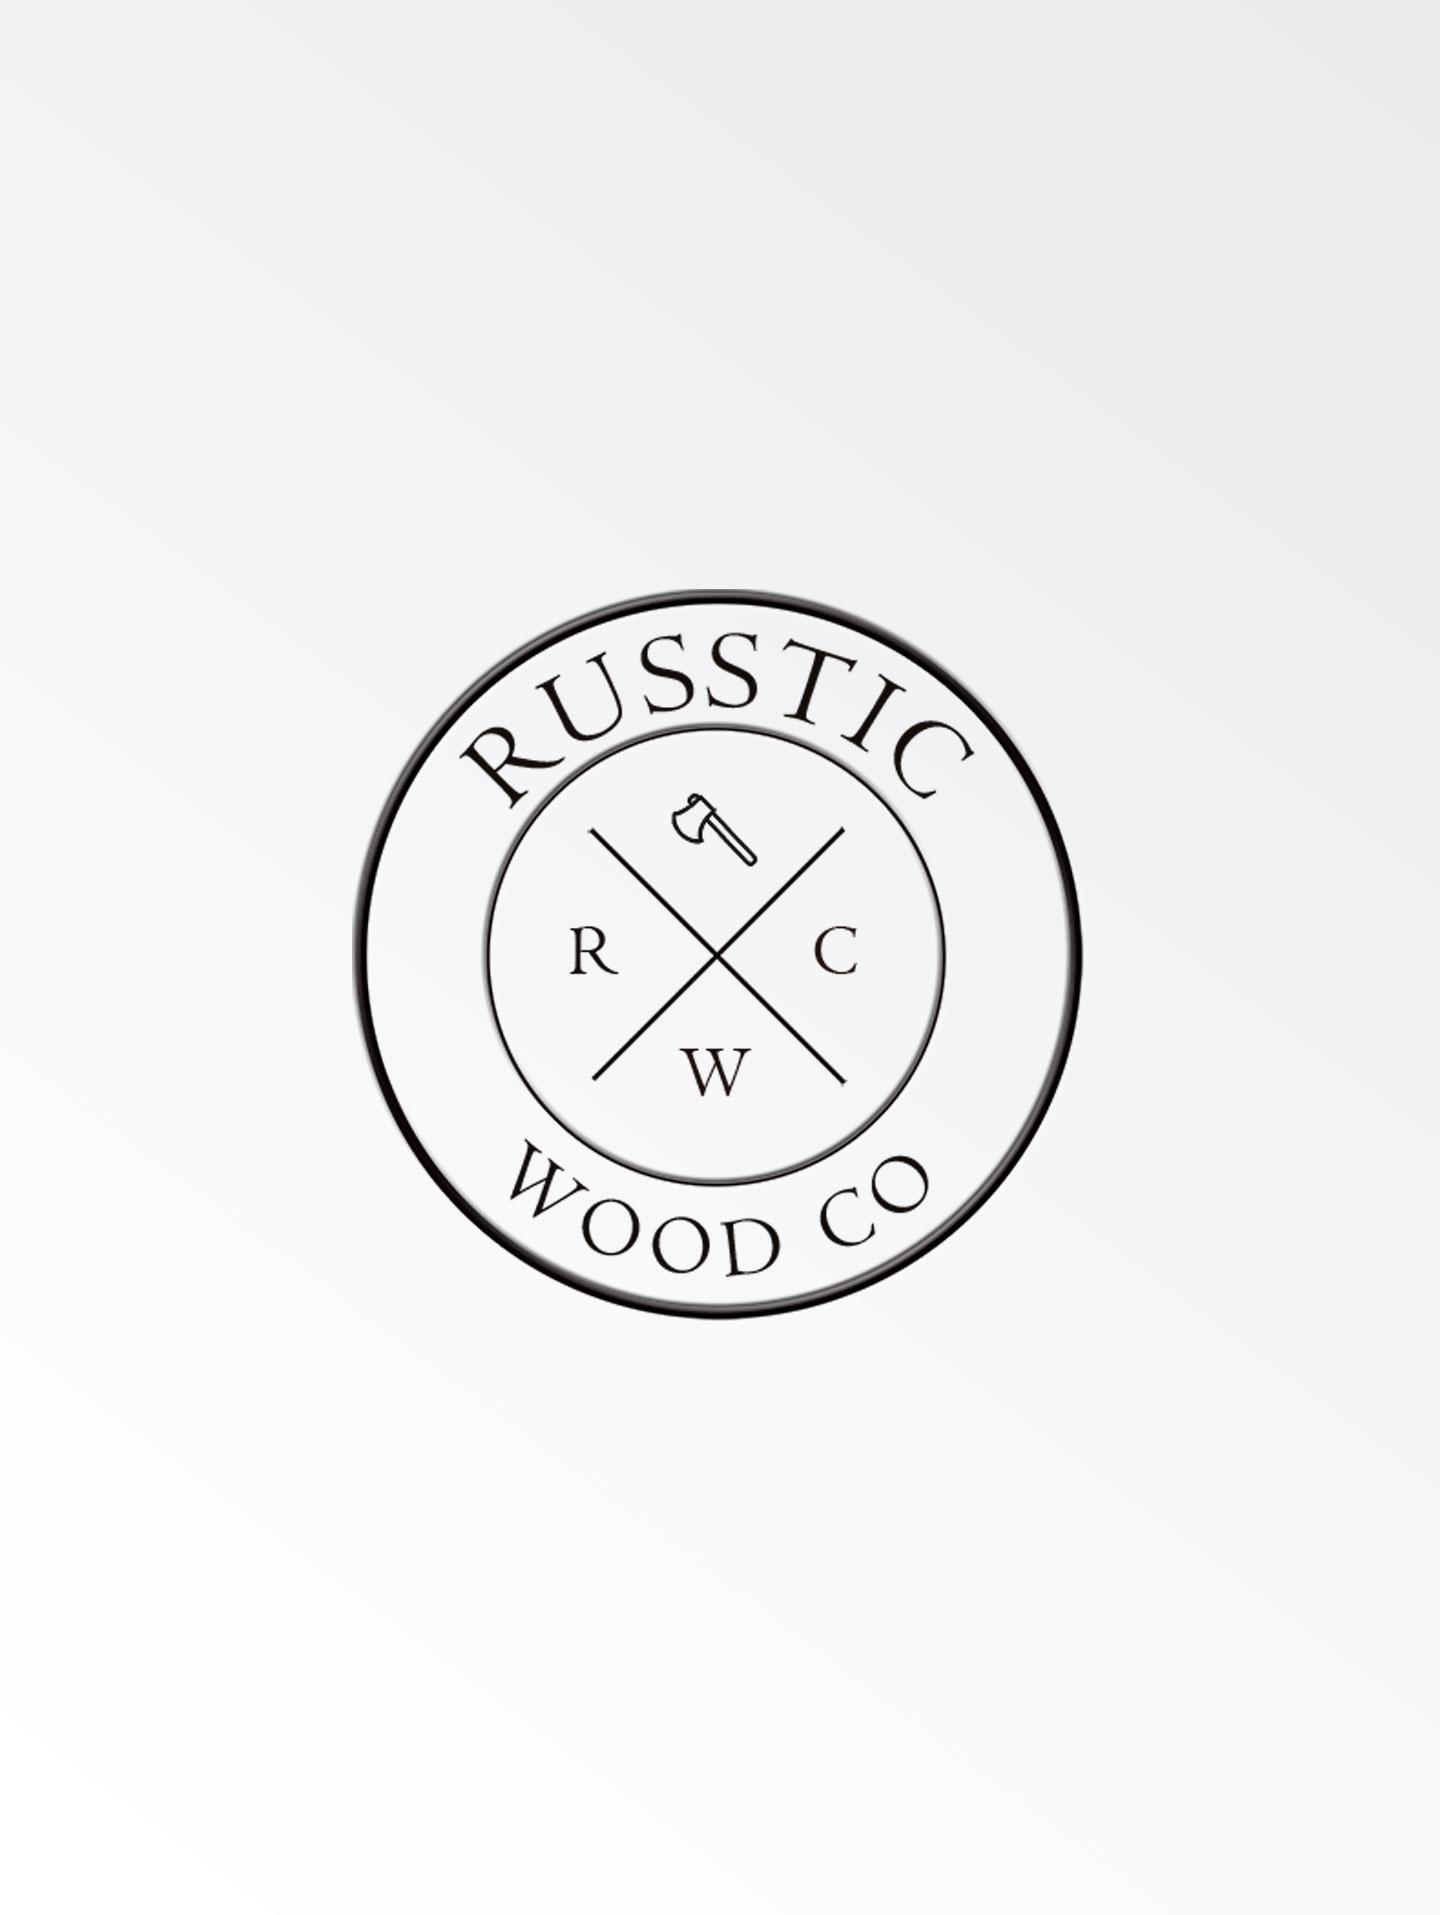 Russtic Wood Co. | Logo